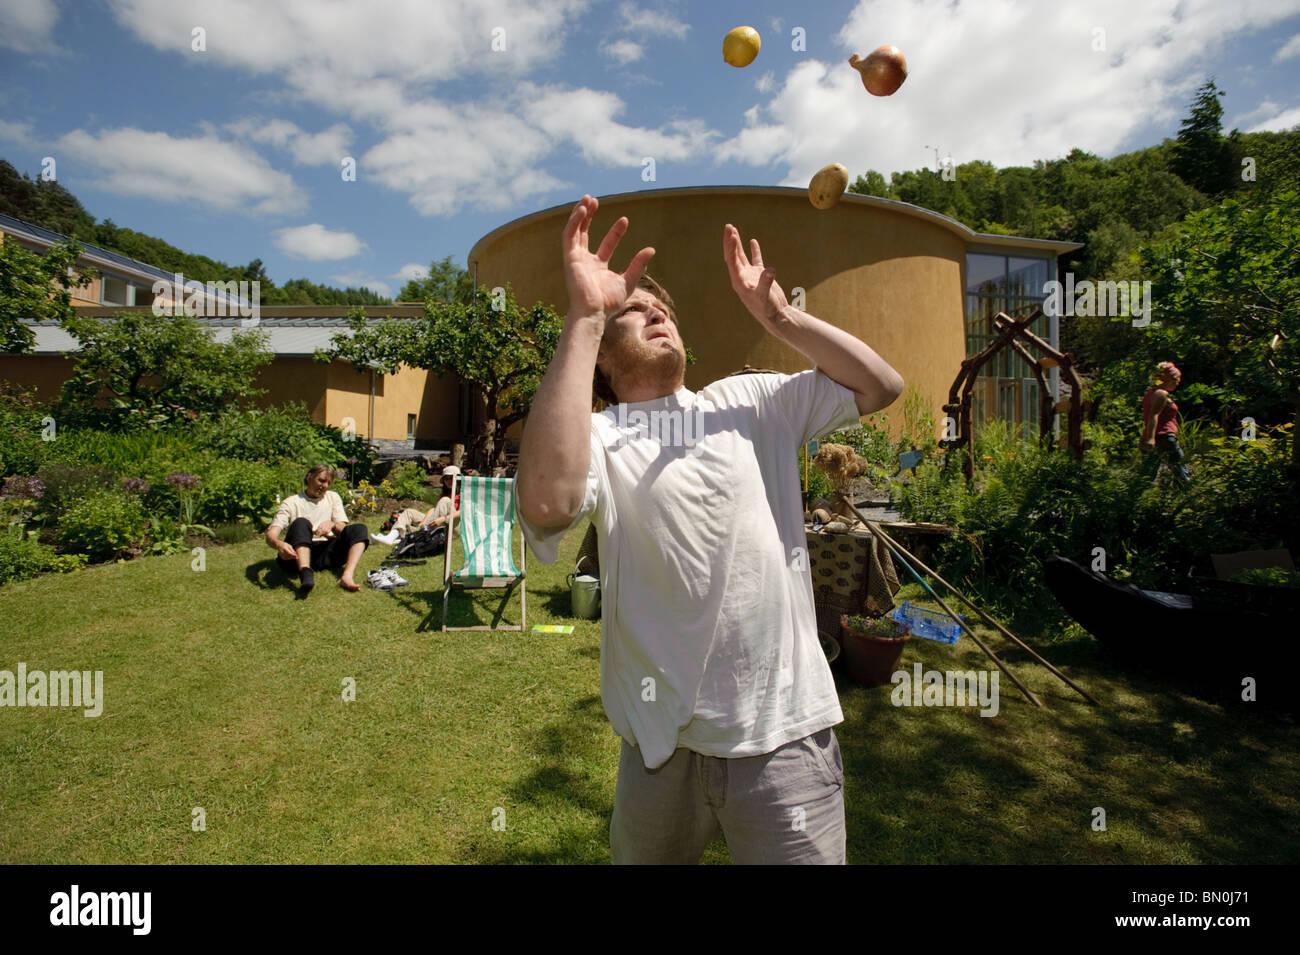 Eine Person Jonglieren mit Obst und Gemüse an das Zentrum für Alternative Technologie, Machynlleth, Powys Stockbild